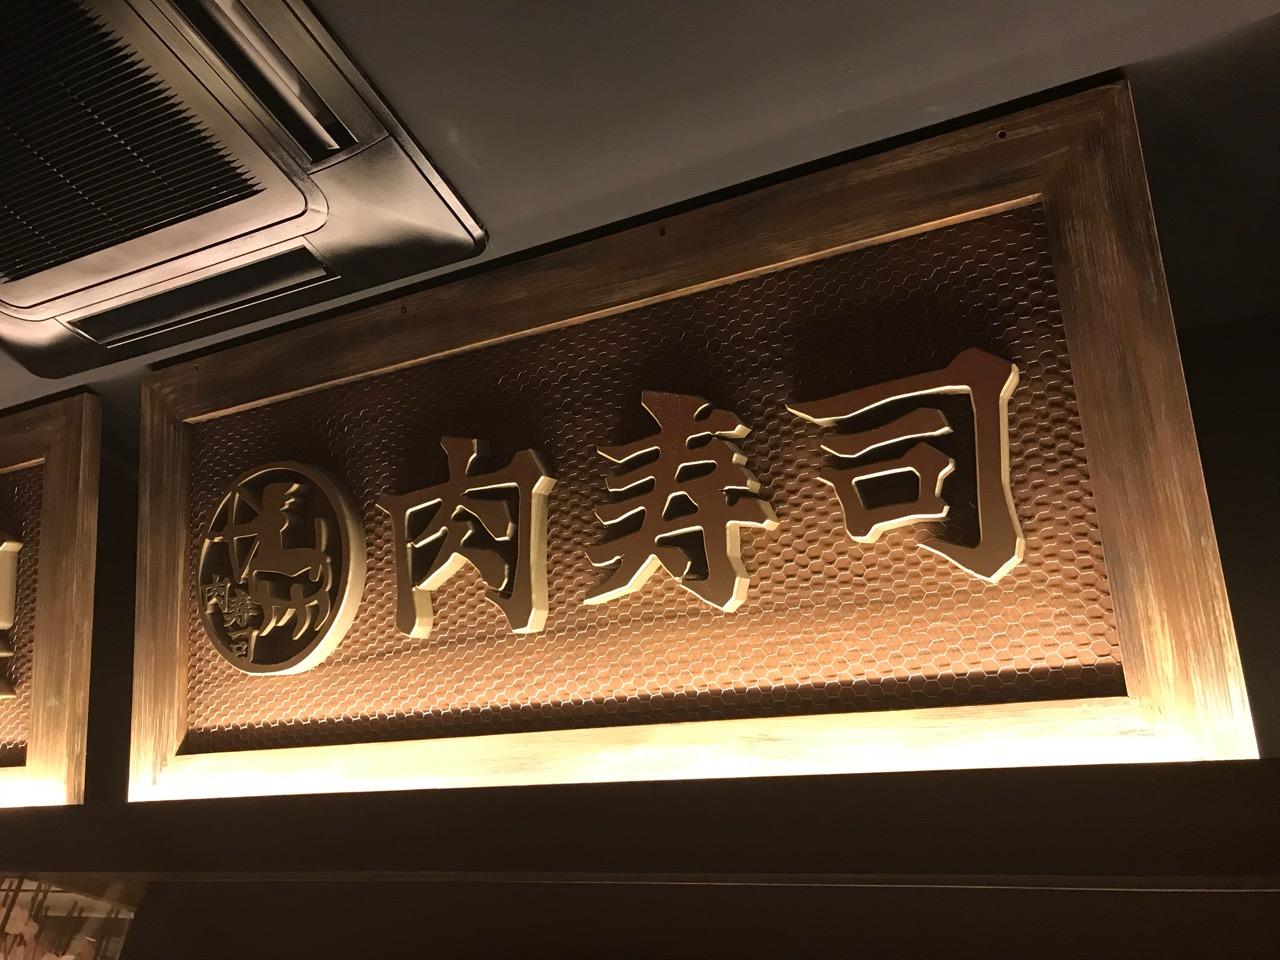 肉寿司@名古屋駅、ちょっと変わった雰囲気が楽しめるお店